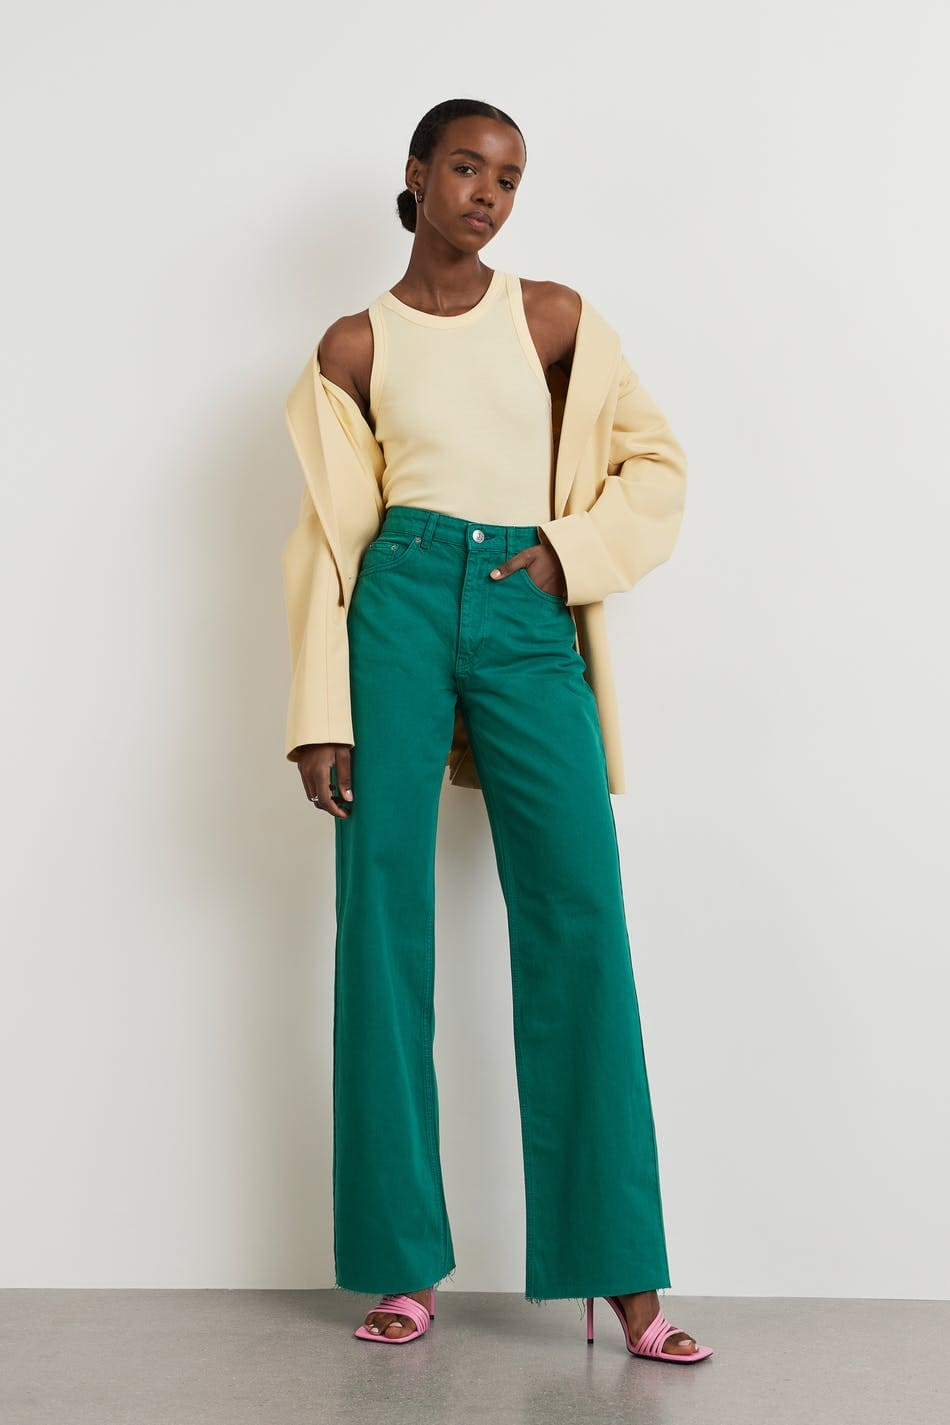 Snygga högmidjade jeans i grön färg